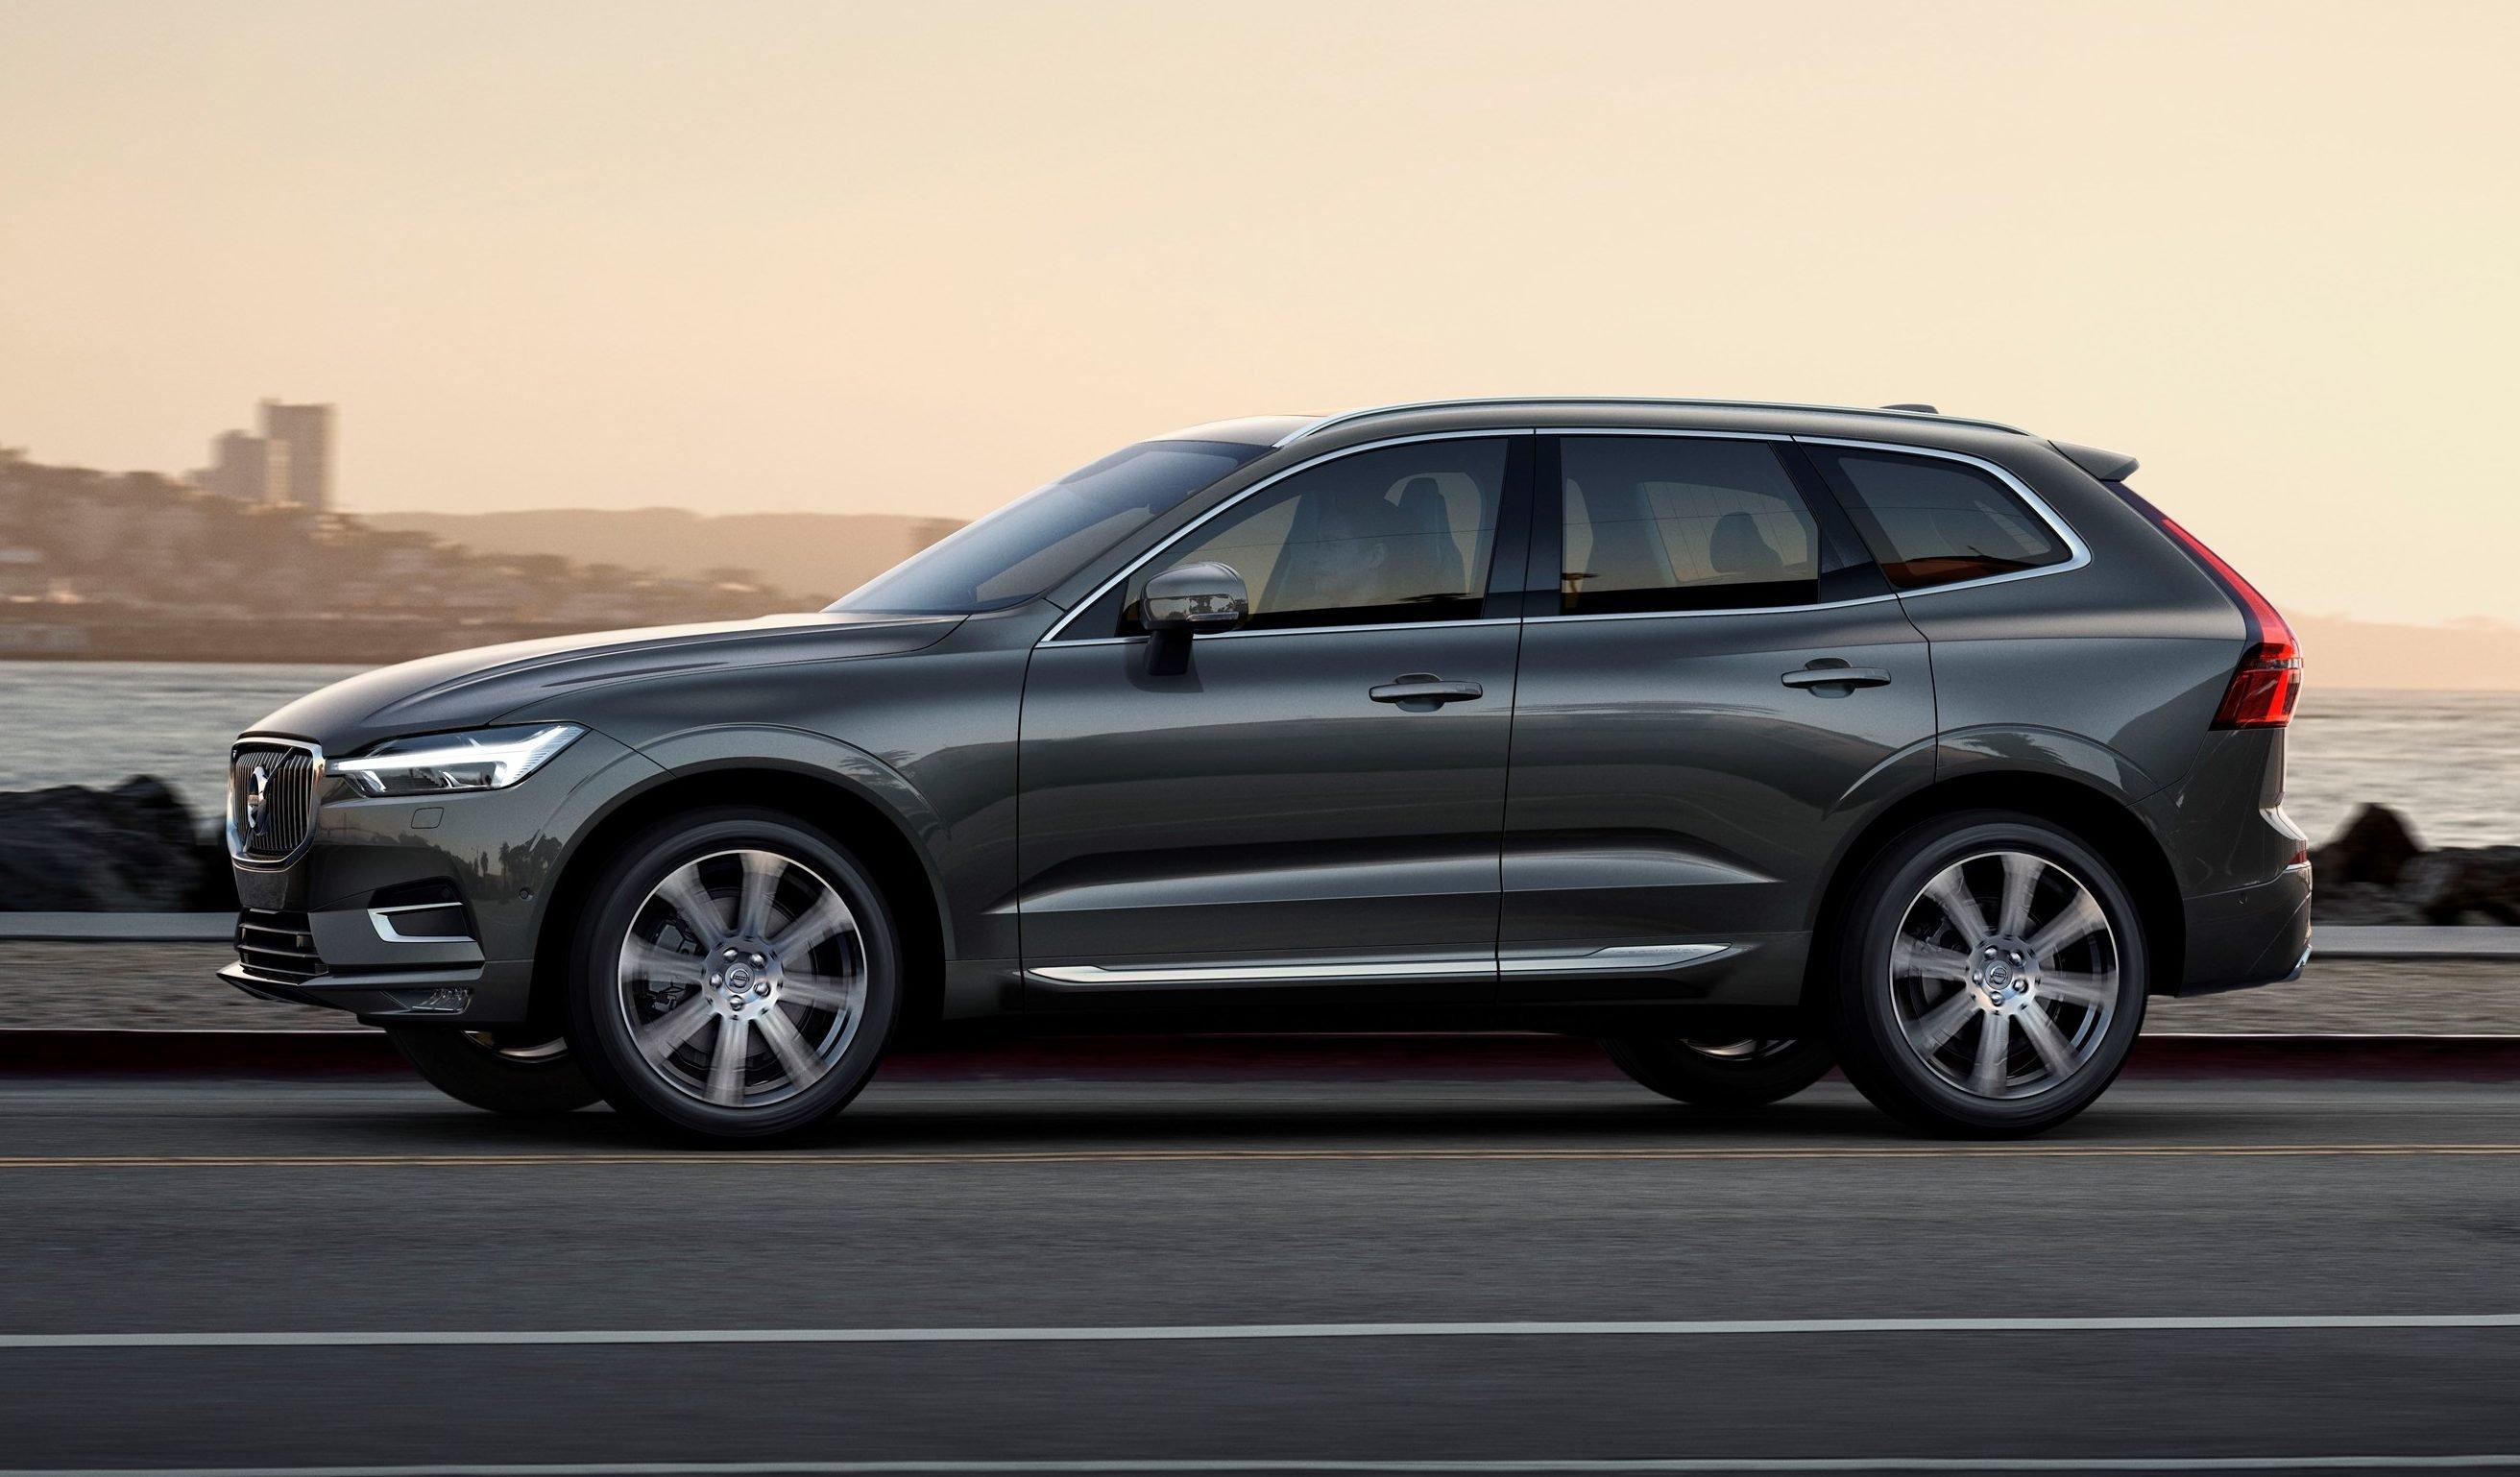 全新 Volvo Xc60 日内瓦发布,全新外型,科技更先进。 The New Volvo Xc60 Paul